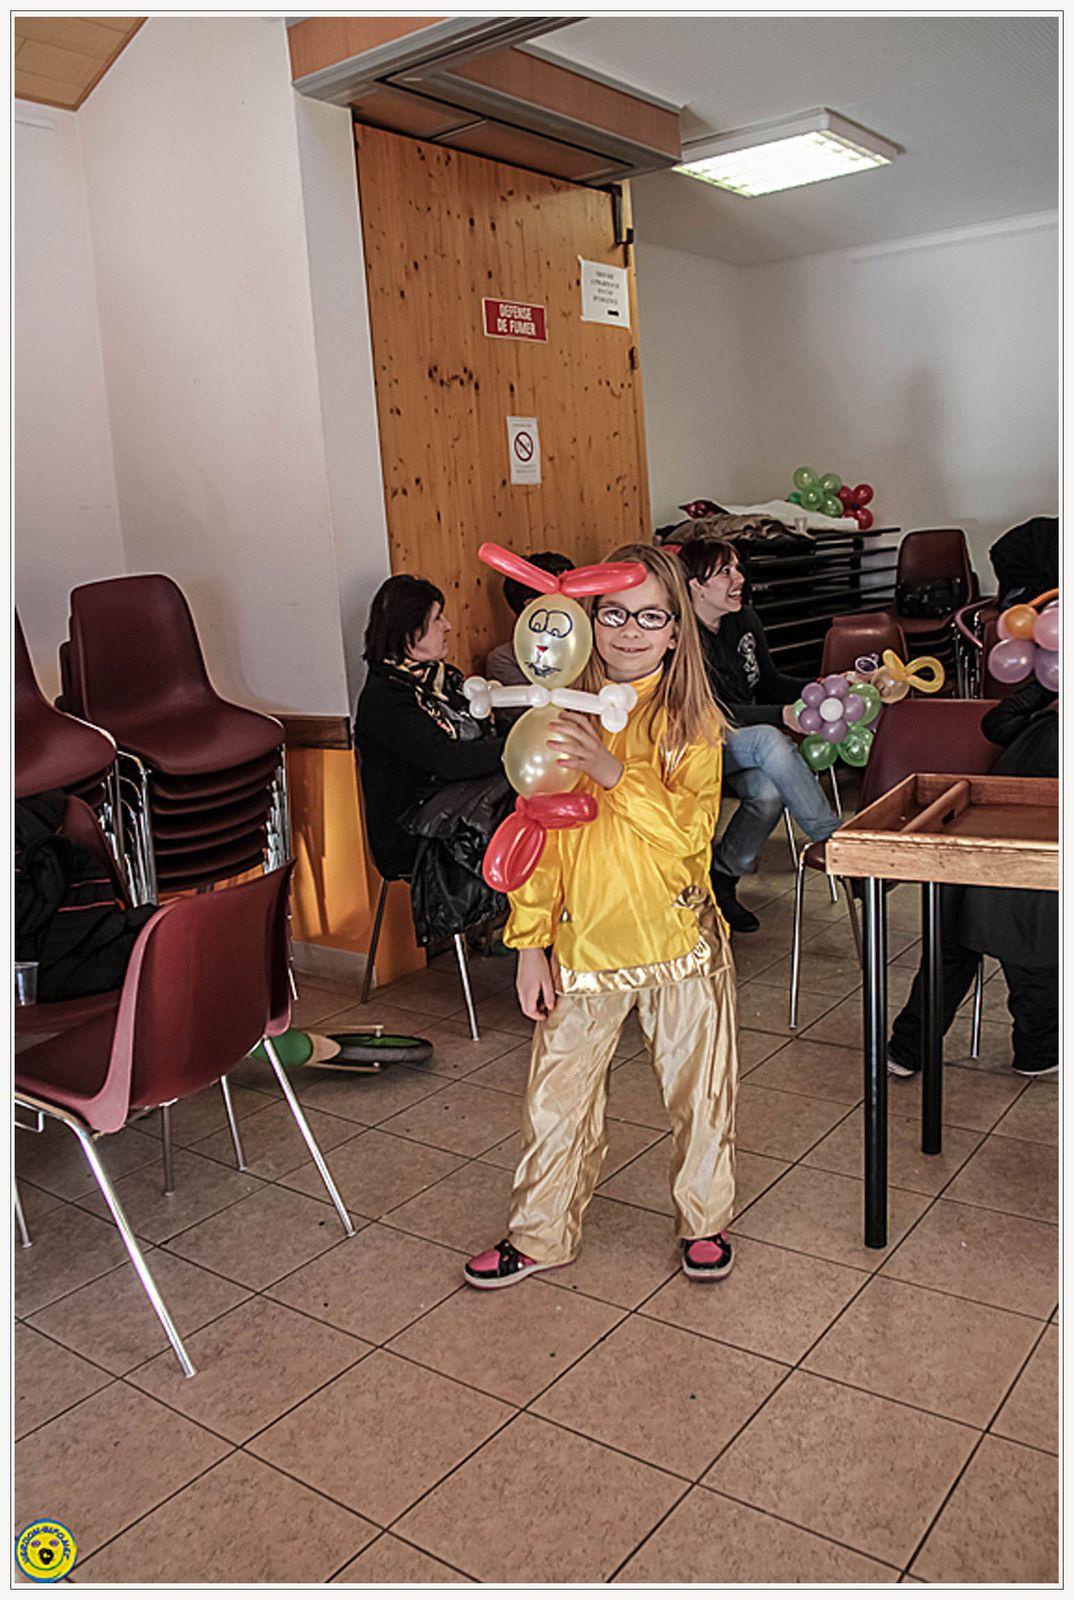 Le Carnaval de l'Association le Riou La Mure Argens